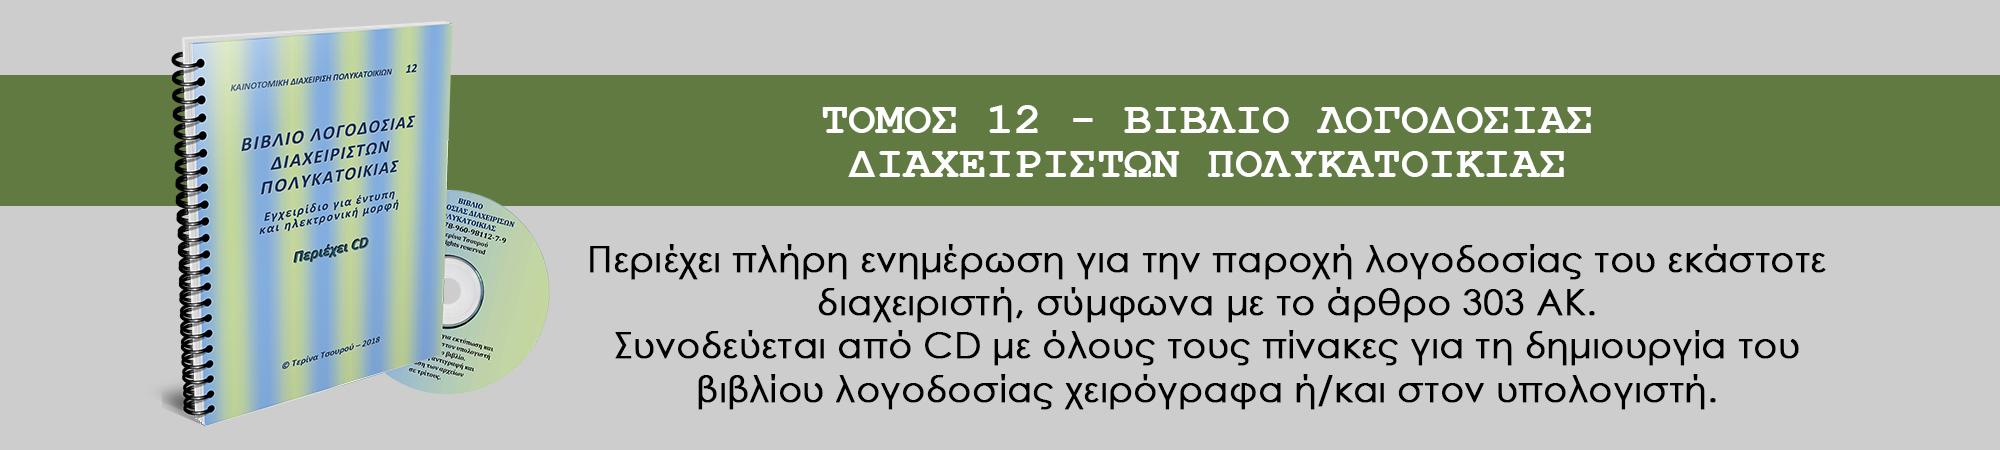 ΒΙΒΛΙΟ ΛΟΓΟΔΟΣΙΑΣ_-τομος 12